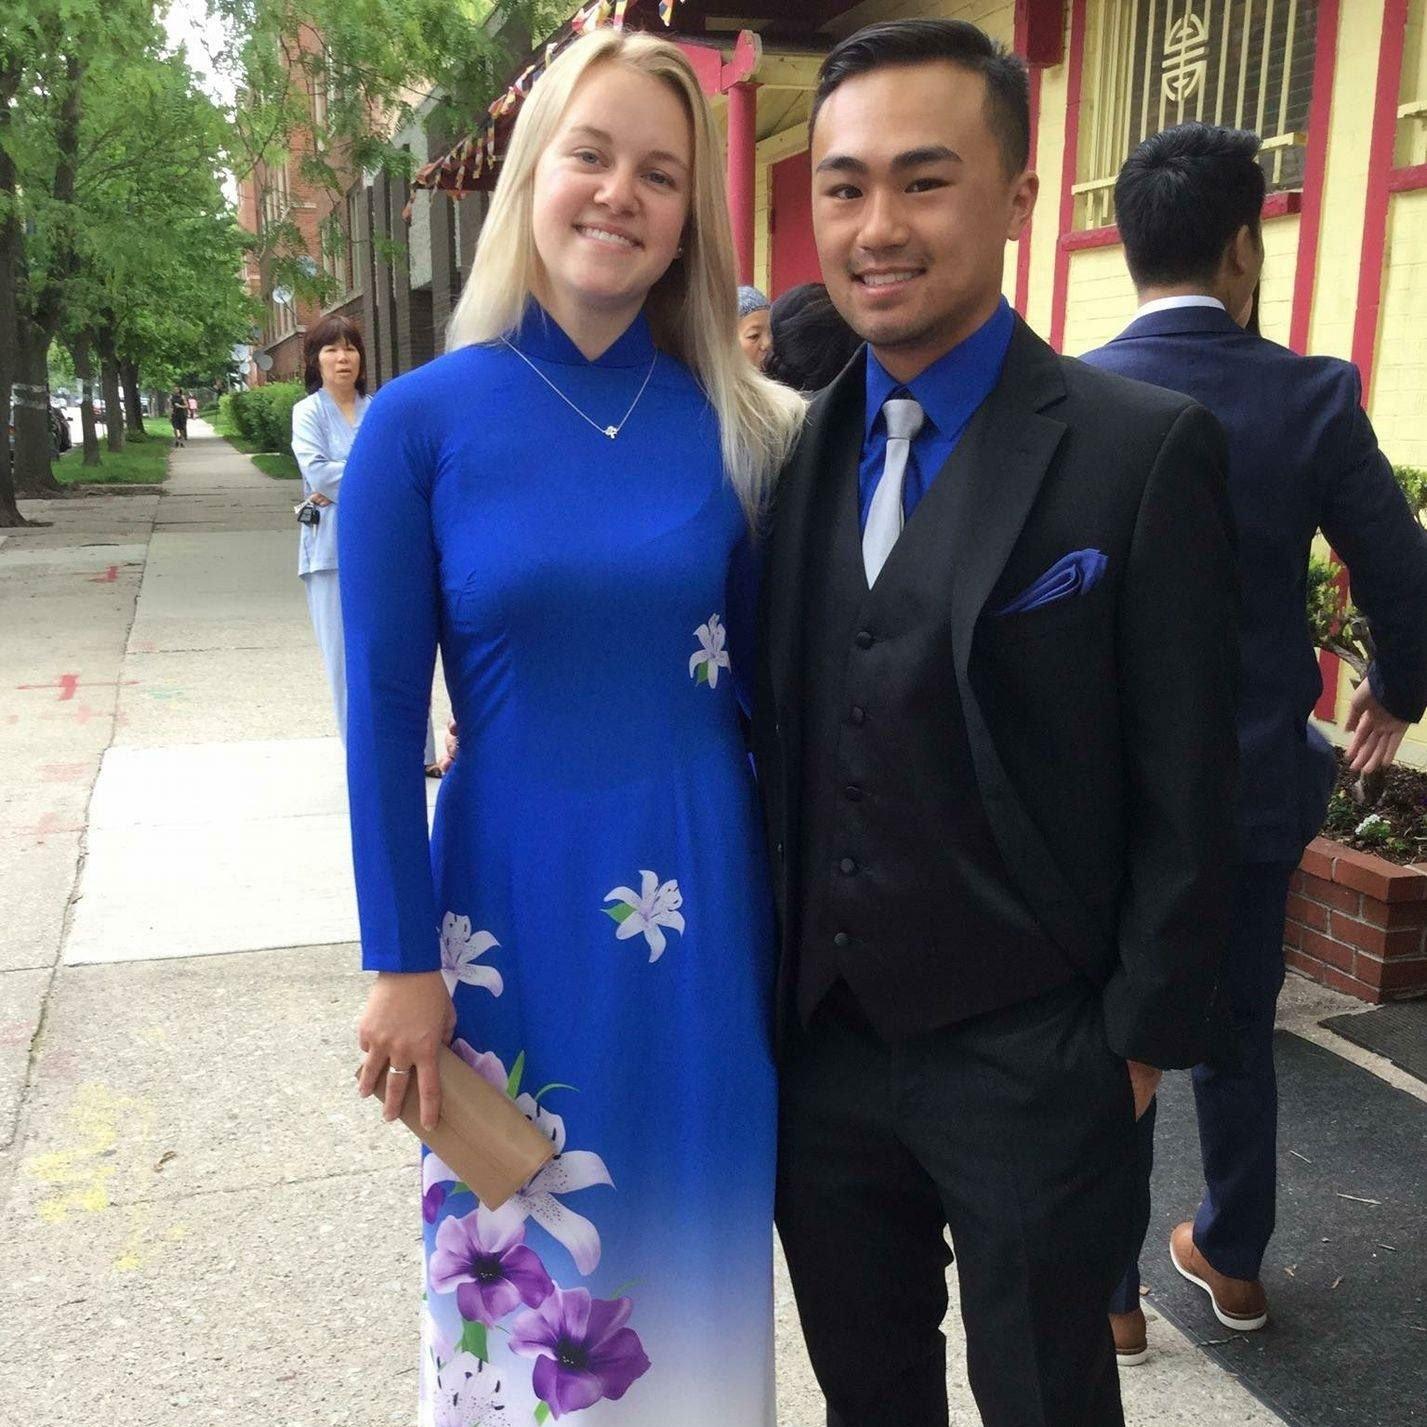 Tony & Sarah N.